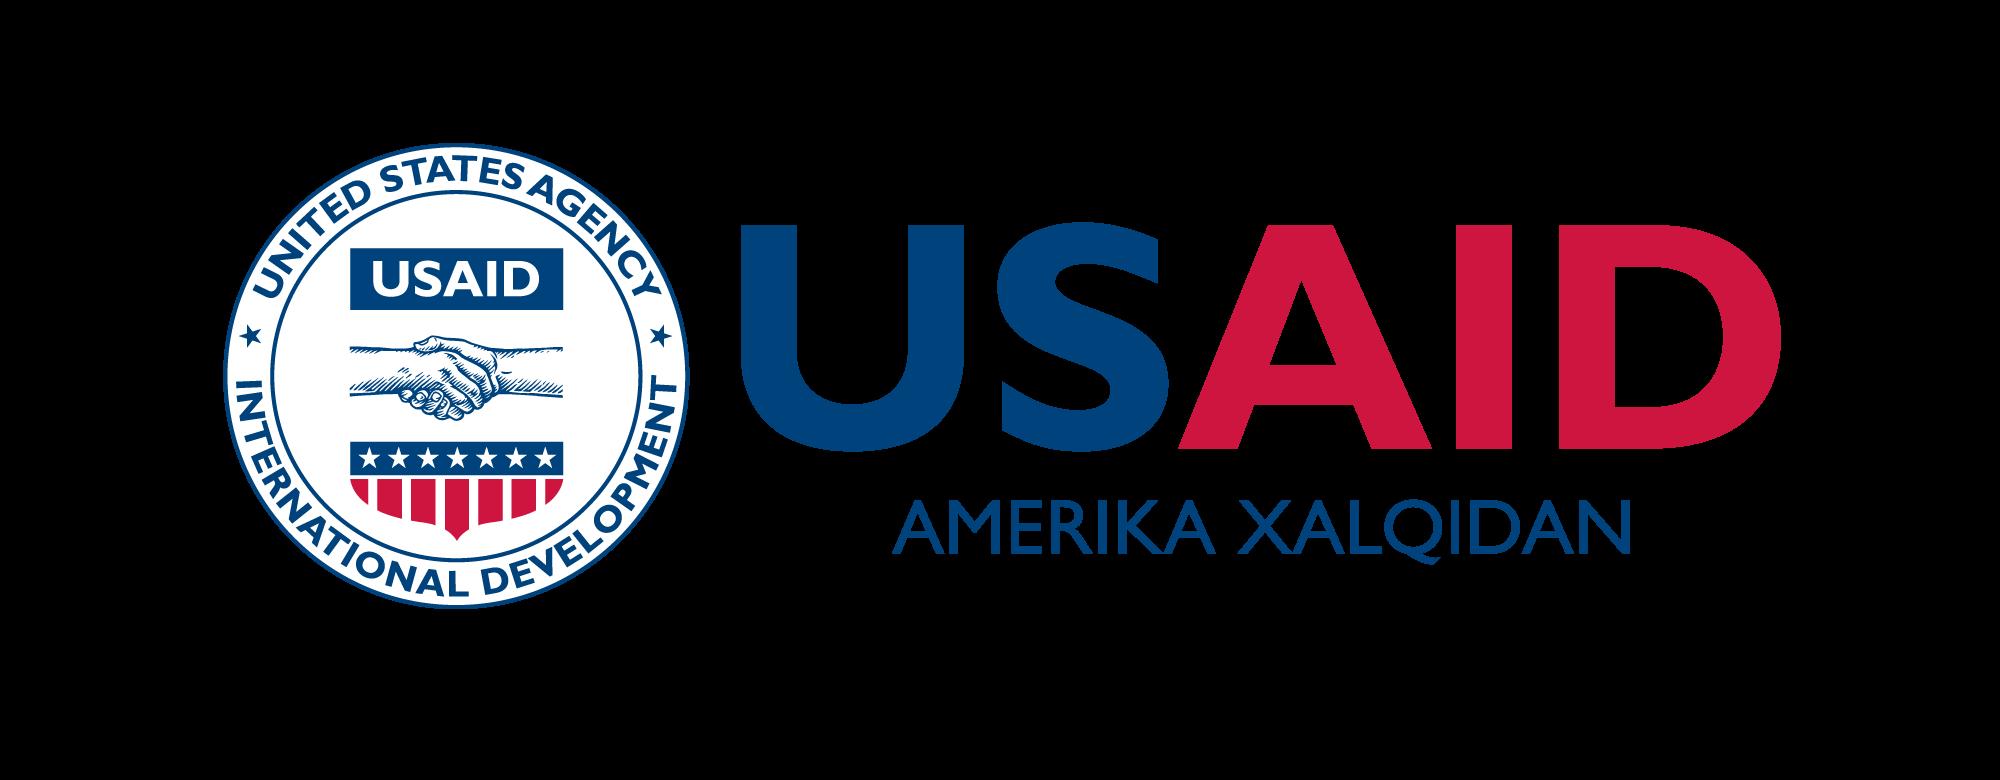 USAID_uz_3